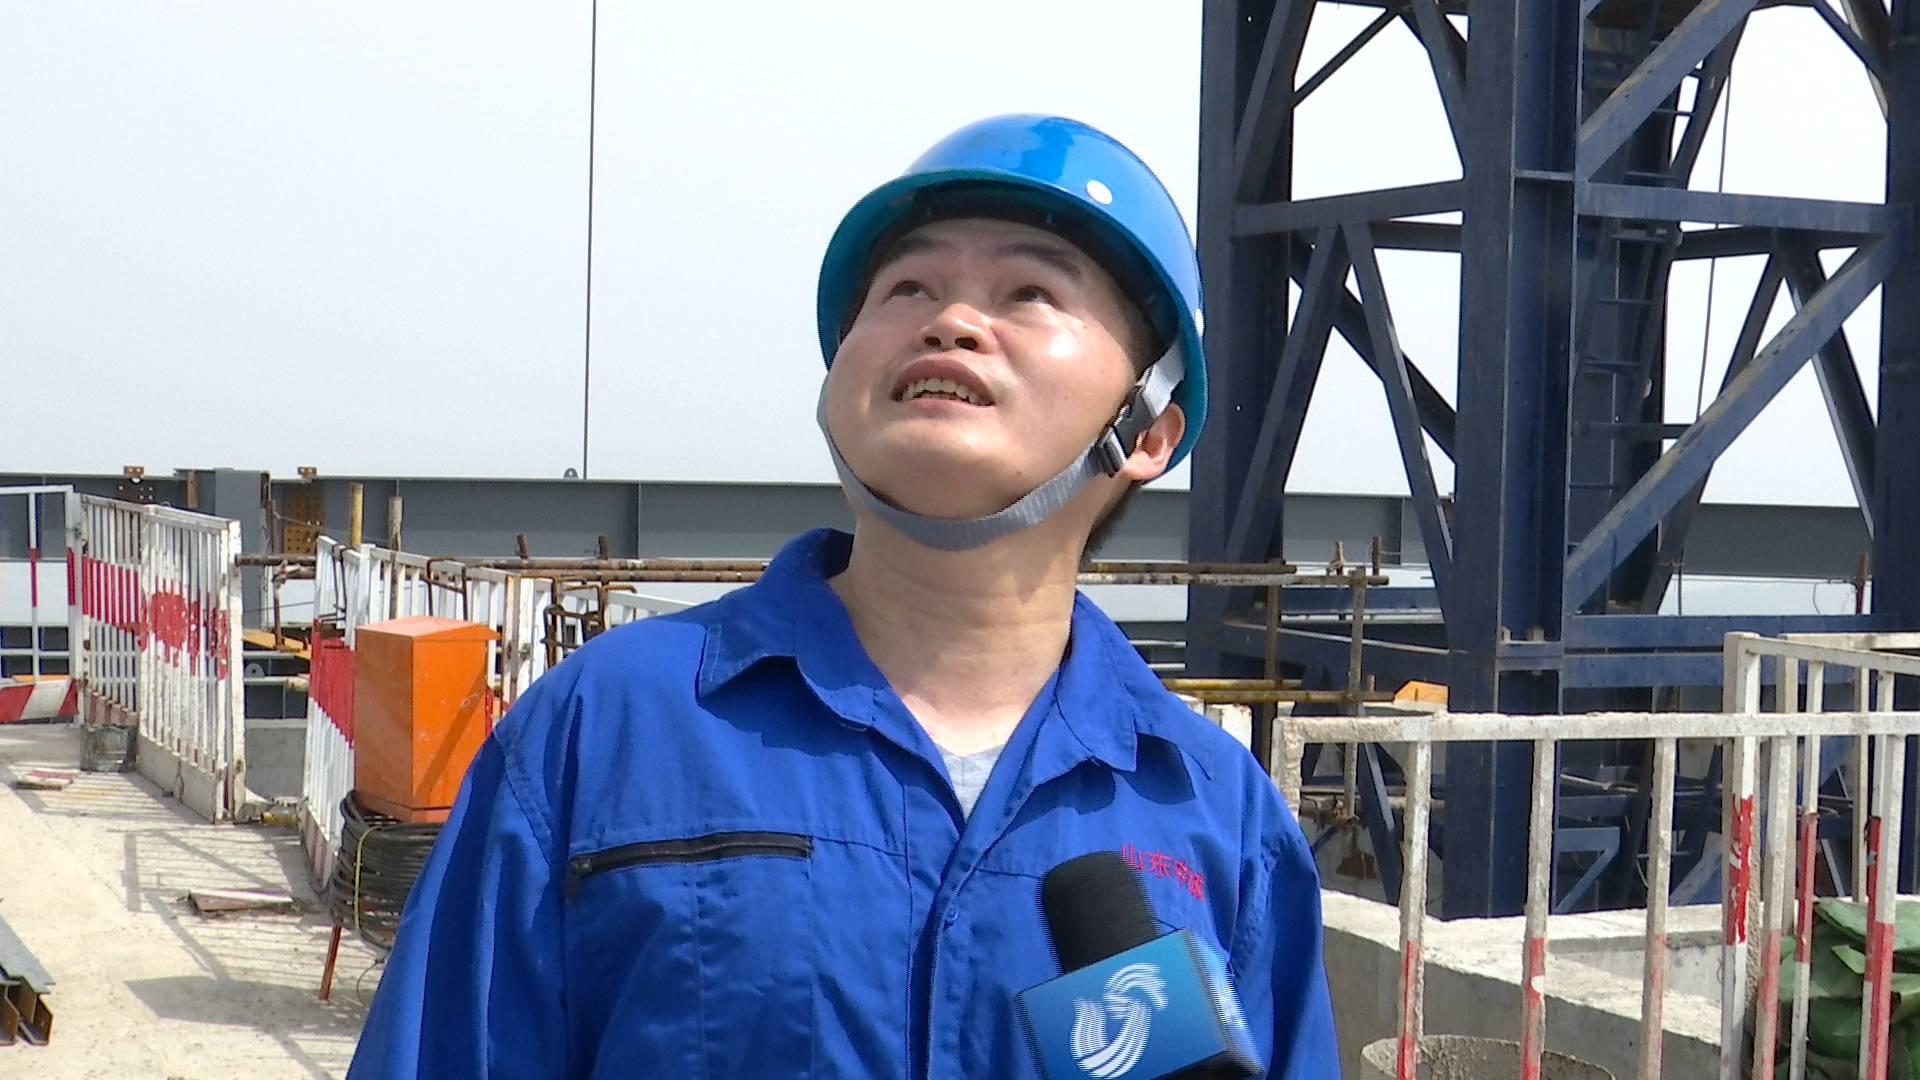 """59秒丨比""""最高""""更高,济南第一高塔吊司机凭1根安全绳每天上下2趟"""